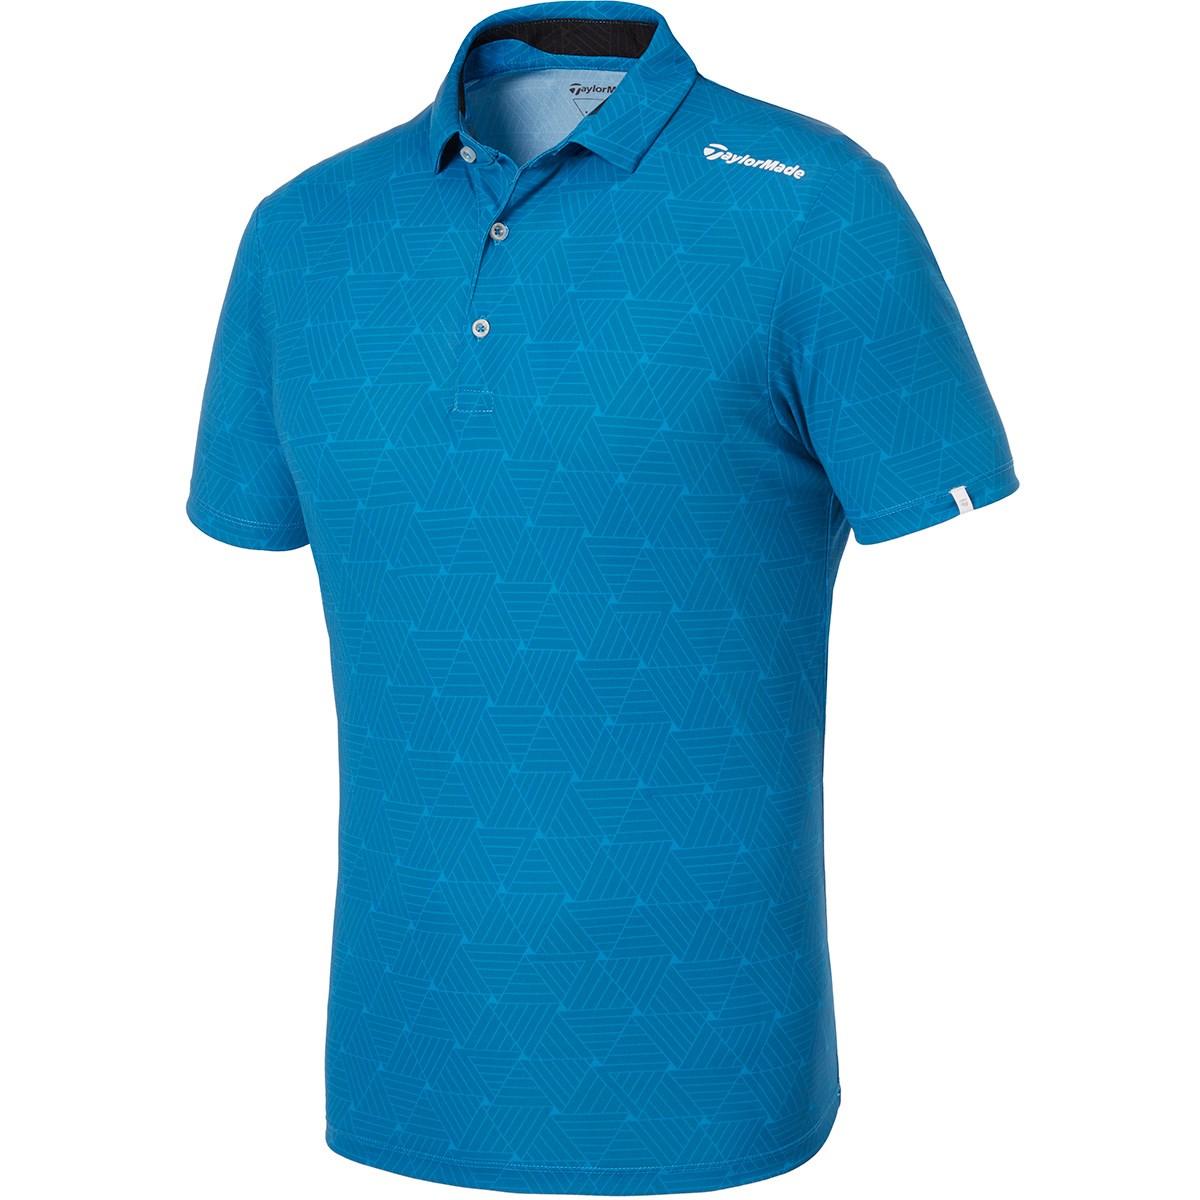 テーラーメイド(Taylor Made) オールオーバーグラフィック 半袖ポロシャツ